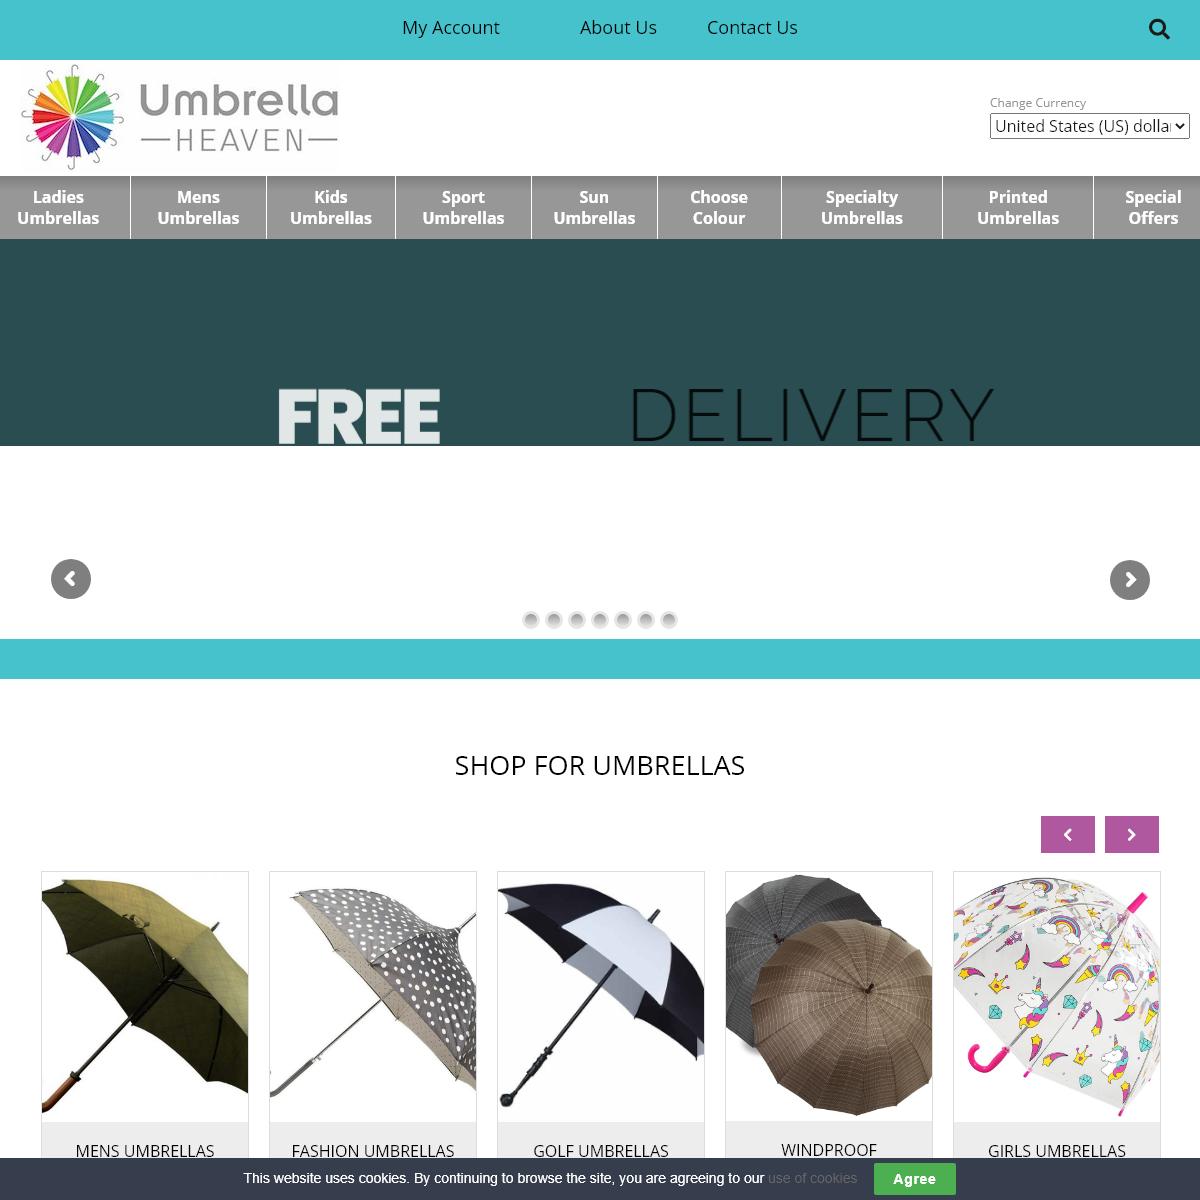 Shop for umbrellas at the number 1 umbrella shop!